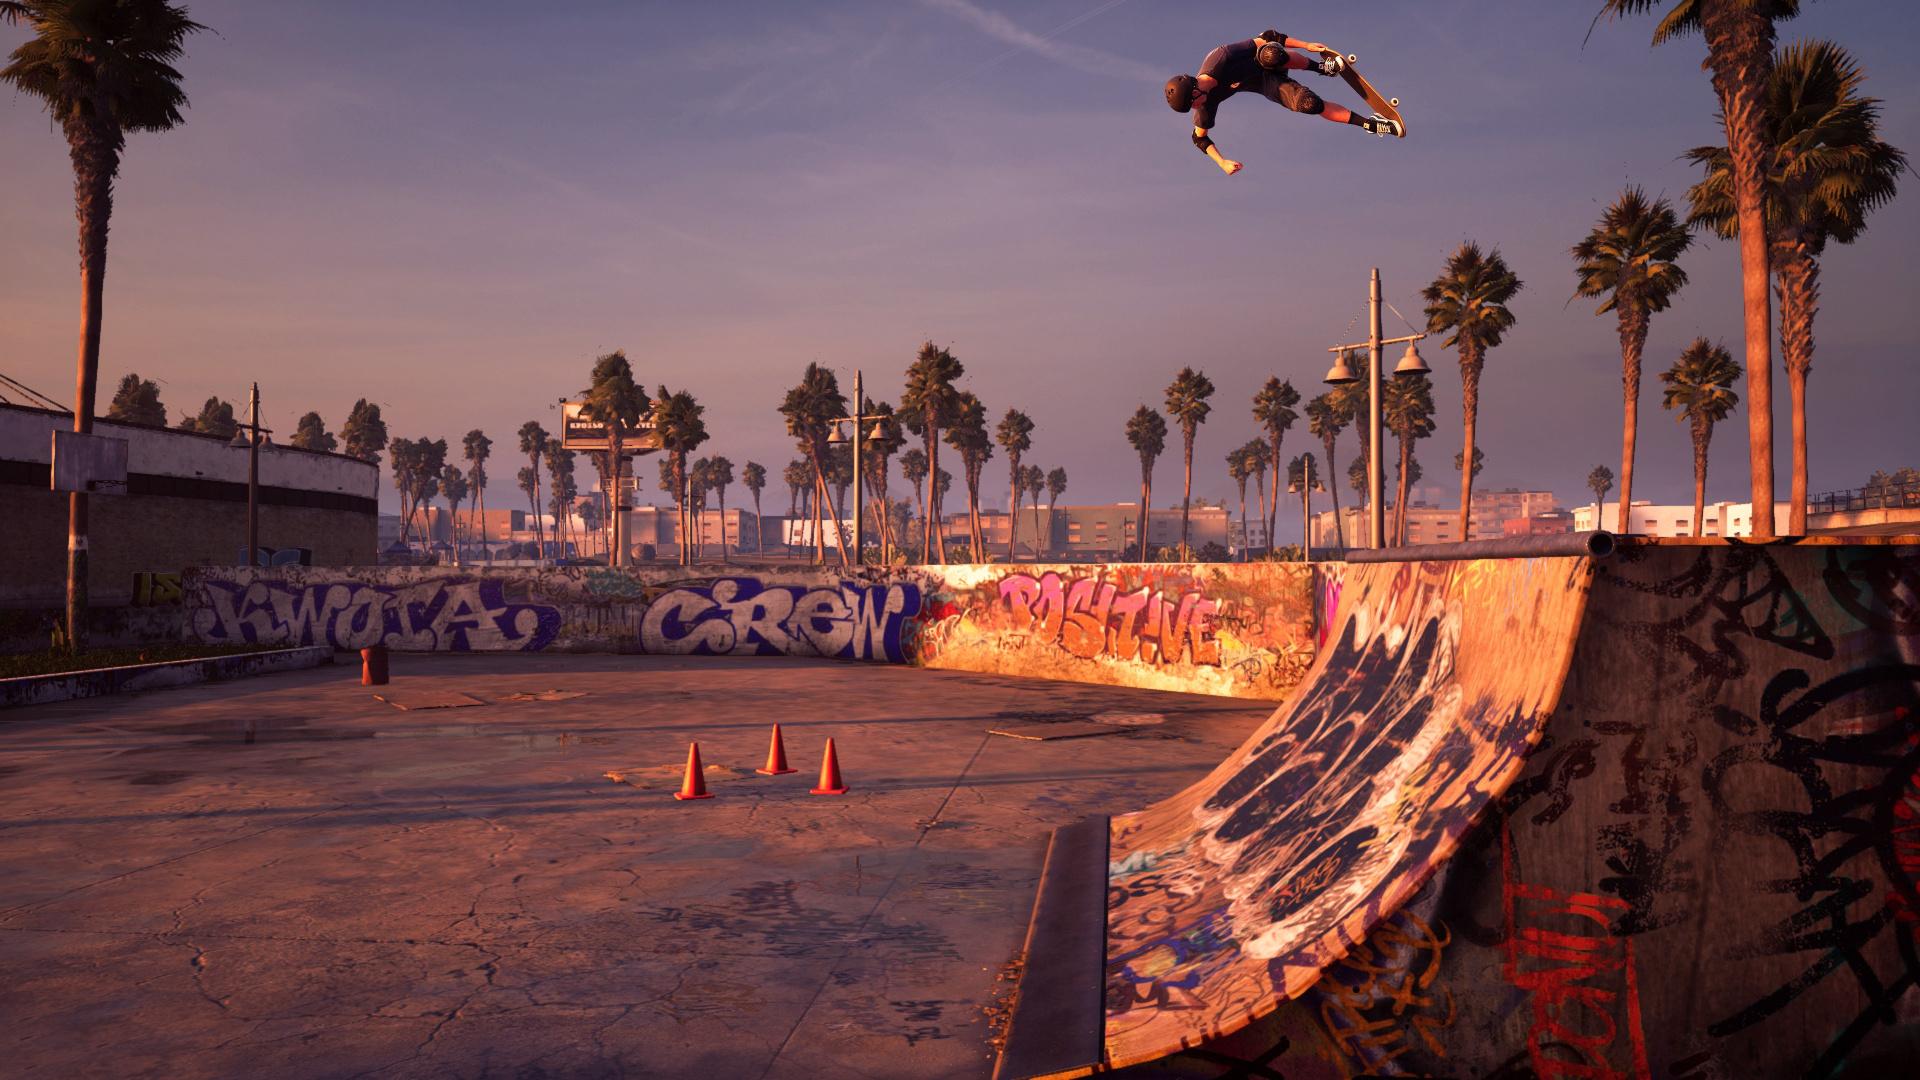 Тони Хоук тизерит релиз Pro Skater 1+2 на новых платформах